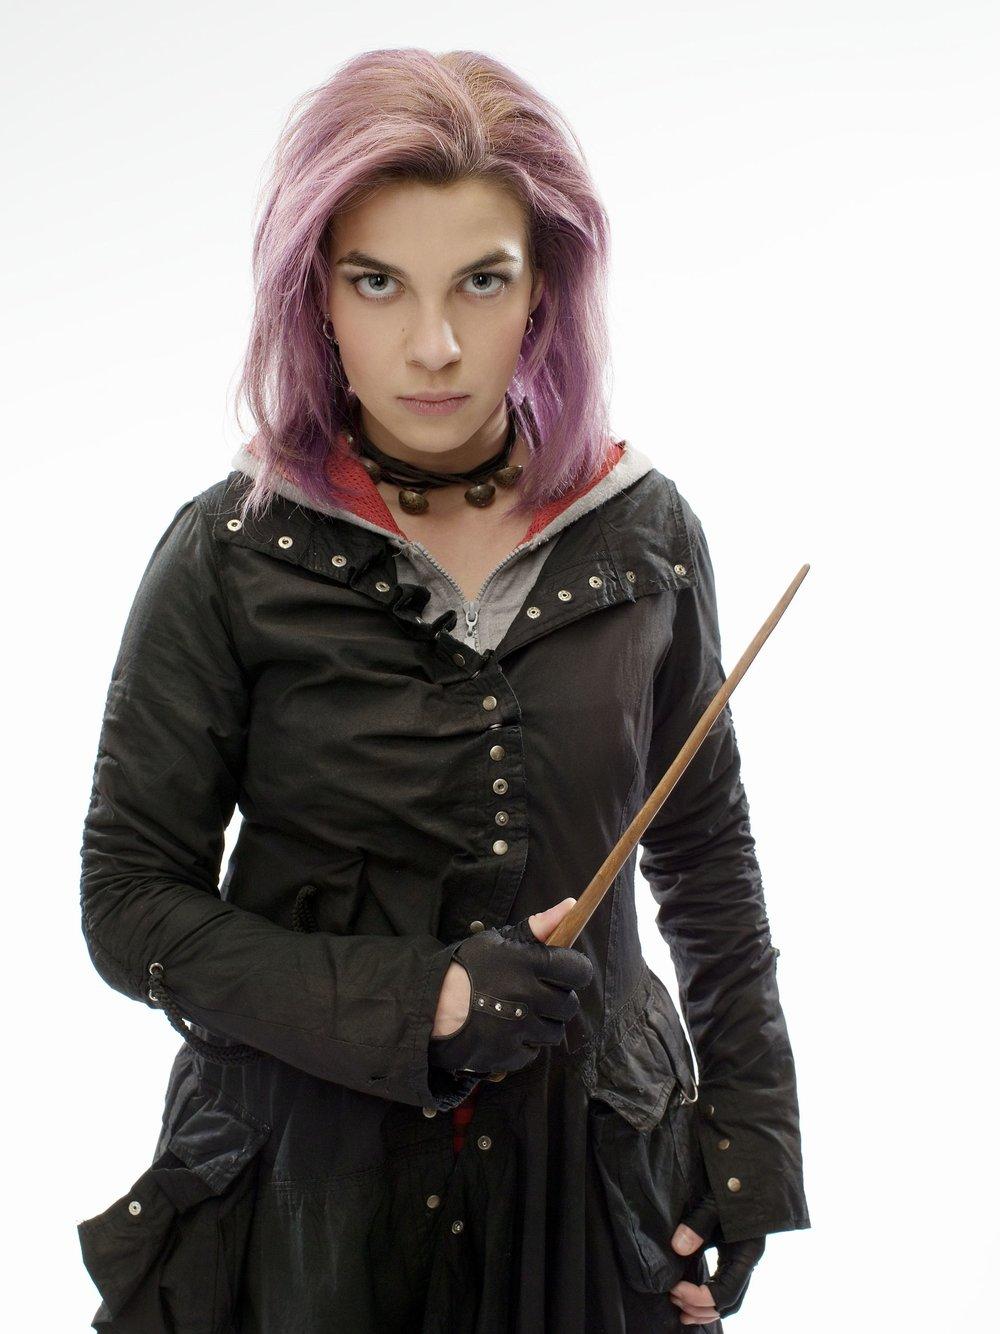 Natalia-Tena-Harry-Potter-1.jpg